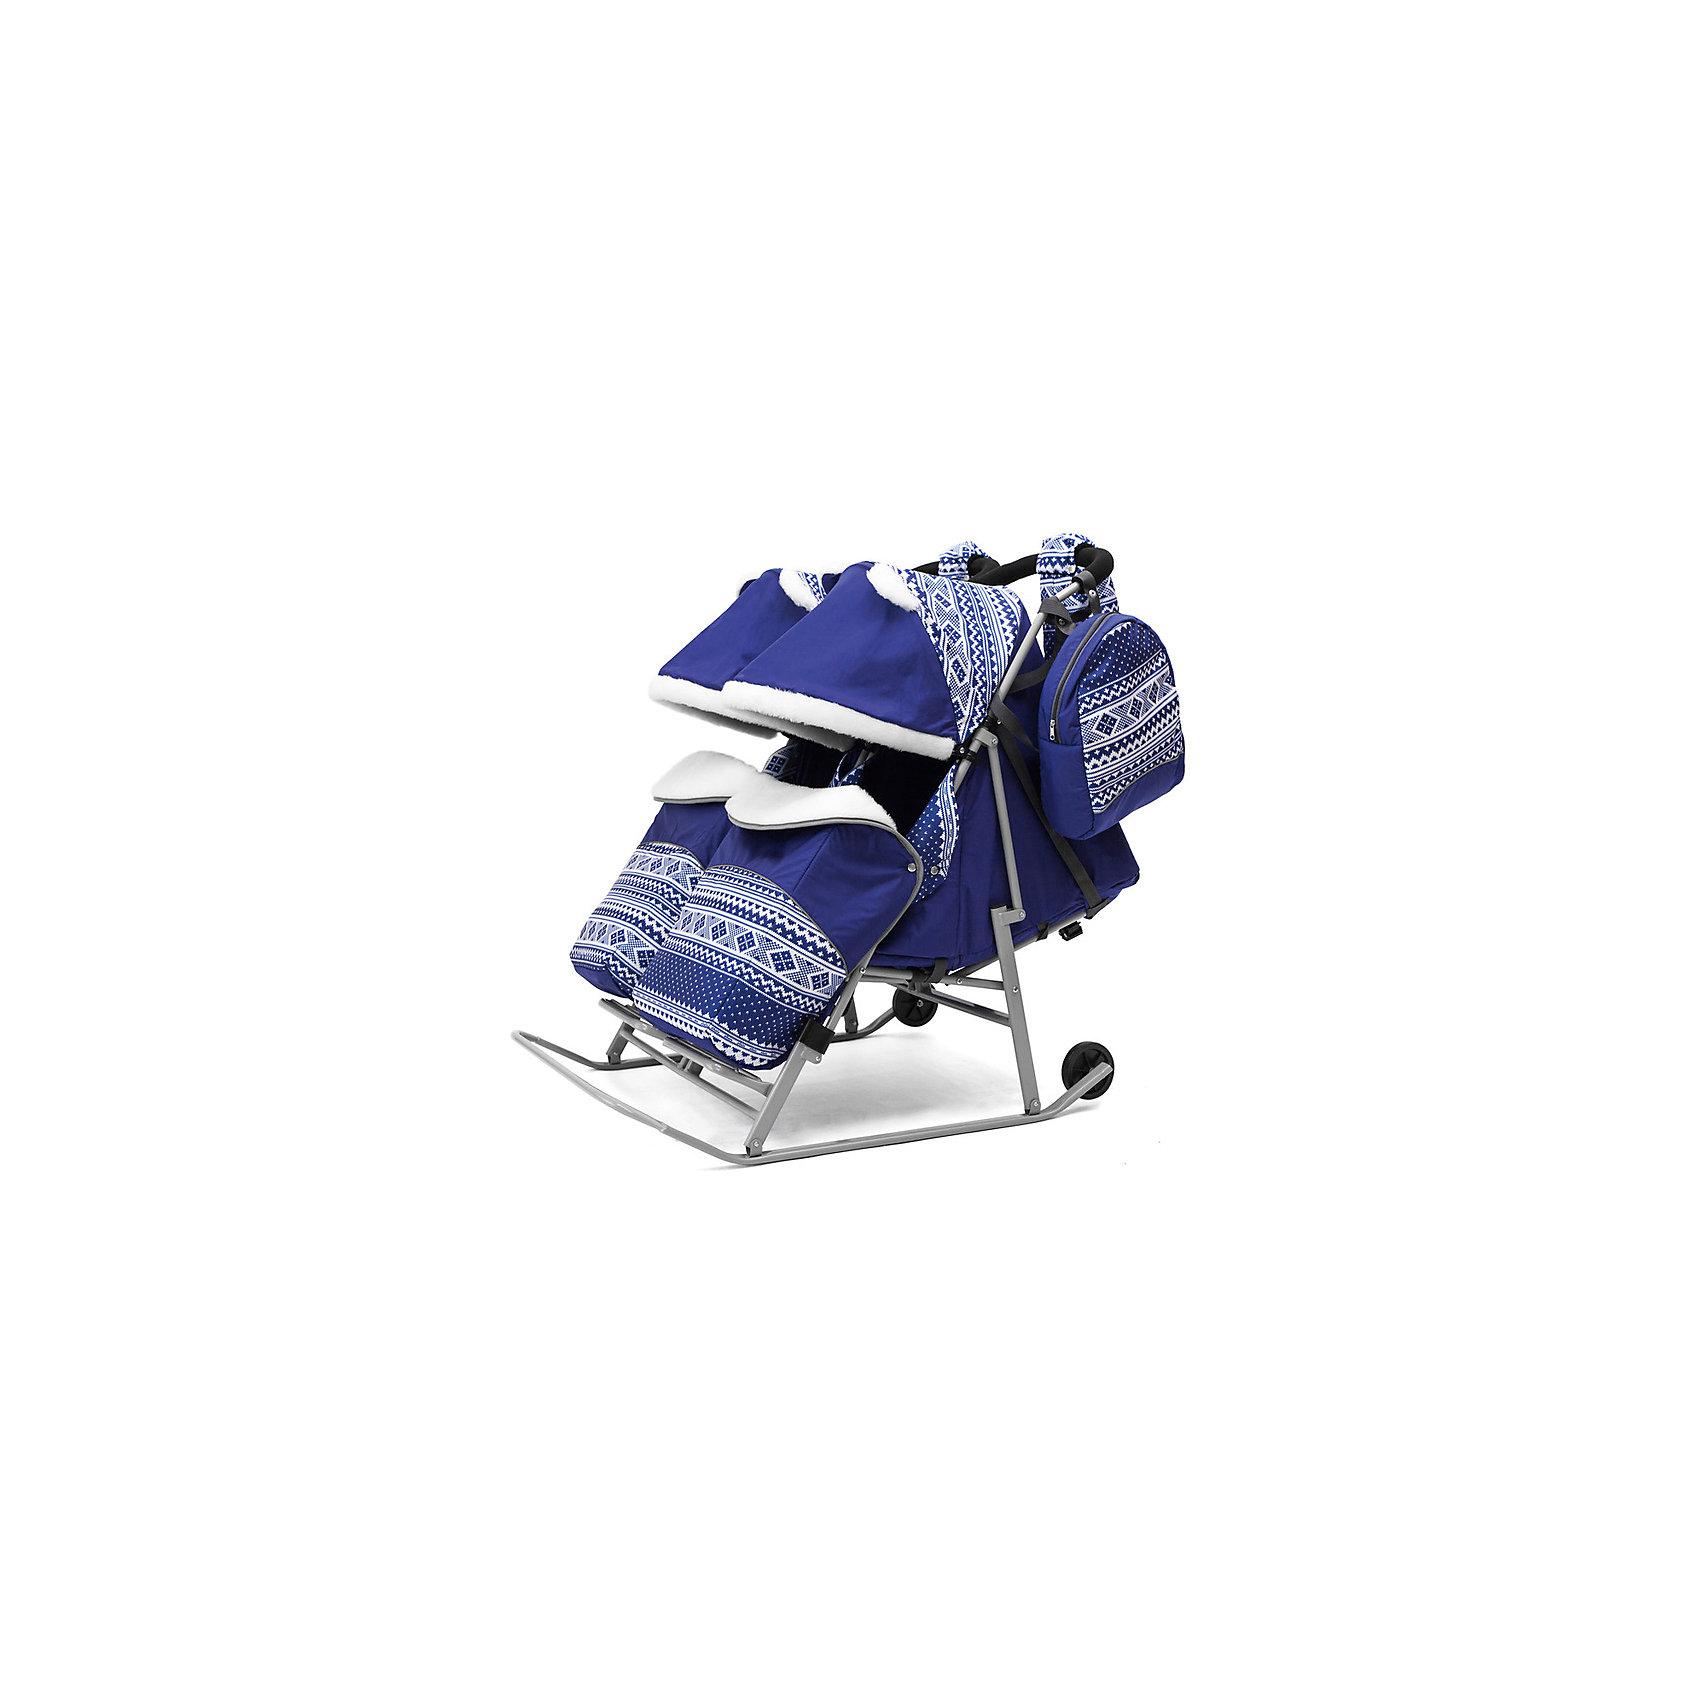 Санки-коляска для двойни ABC Academy 2В Твин Скандинавия на серой раме, синийСанки-коляски<br>Характеристики:<br><br>• санки-коляски для двойни;<br>• независимое раскладывание спинок, регулирование капюшонов, отдельные накидки на ножки и конверты;<br>• автоматический механизм сложения;<br>• регулируемая спинка сиденья, 3 позиции наклона;<br>• система 5-ти точечных ремней безопасности;<br>• защитный бампер перед ребенком;<br>• большой капюшон декорирован меховыми ушками;<br>• капюшон и накидка с меховой отделкой;<br>• алюминиевая подножка, диаметр перекладины  4 см;<br>• диаметр полозьев: 3 см;<br>• высота родительской ручки регулируется;<br>• диаметр колес 12 см;<br>• обрезиненные колеса;<br>• тип складывания: книжка;<br>• санки-коляска складывается вместе с капюшоном и накидкой на ножки;<br>• в комплекте муфта для рук, сумка для мамы, чехол на ножки, меховой конверт с прорезями для ремней безопасности;<br>• тип крепления: на кнопках;<br>• допустимая нагрузка: до 60 кг;<br>• ширина каждого сидения: 38 см;<br>• размер санок для двойни: 120х80х40 см;<br>• материал: металл, полиэстер, водоотталкивающий материал дюспа.<br><br>Санки-коляску ABC academy Скандинавия 2В ТвинСиний на серой раме можно купить в нашем интернет-магазине.<br><br>Ширина мм: 1200<br>Глубина мм: 820<br>Высота мм: 200<br>Вес г: 12800<br>Цвет: синий<br>Возраст от месяцев: 0<br>Возраст до месяцев: 36<br>Пол: Унисекс<br>Возраст: Детский<br>SKU: 7068128